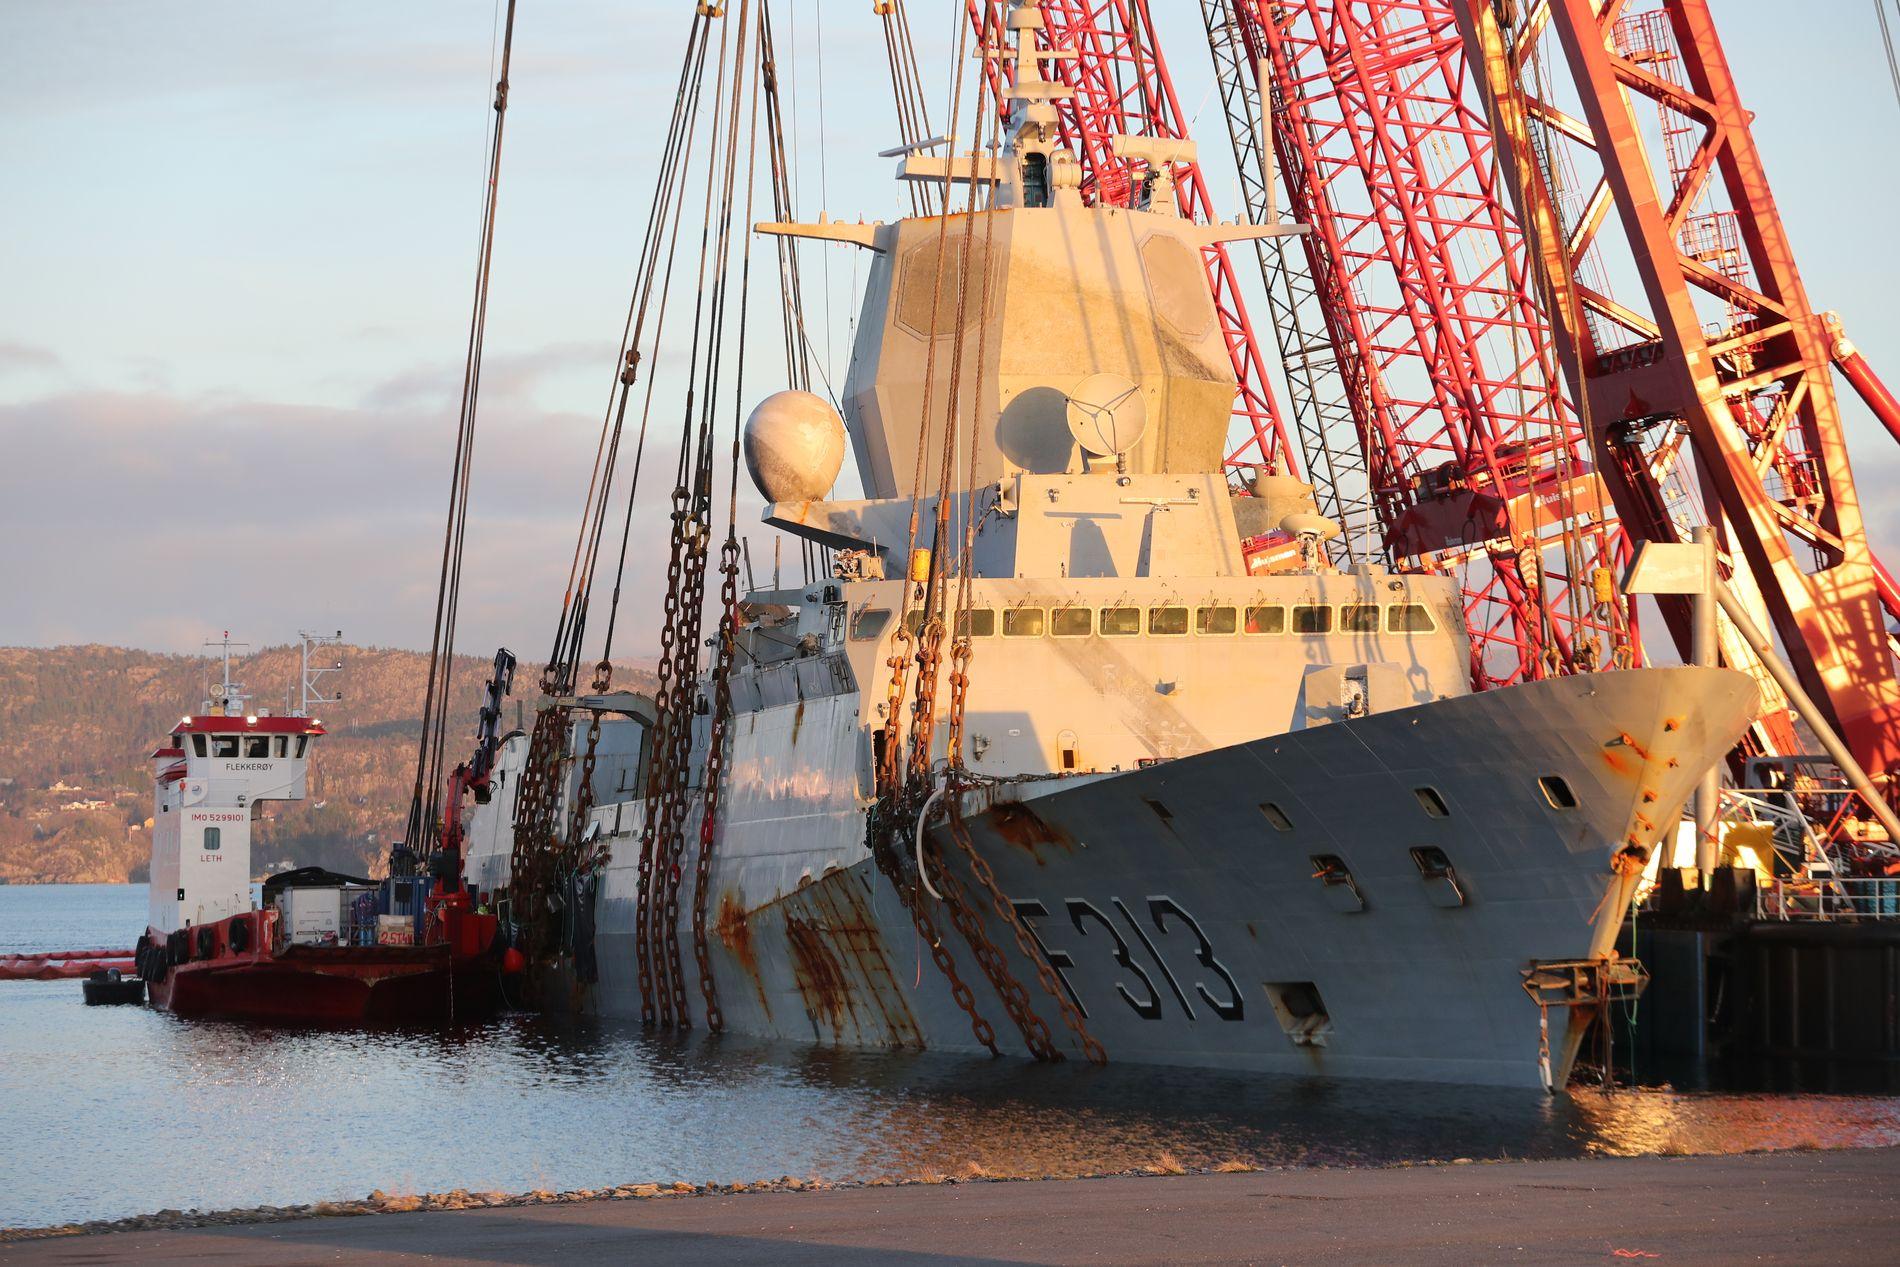 BLIR TROLIG VRAKET: Det blir dyrere å reparere enn å bygge ny fregatt, er konklusjonen i tilstandsrapporten, viser rapporten fra Forsvarsmateriell.